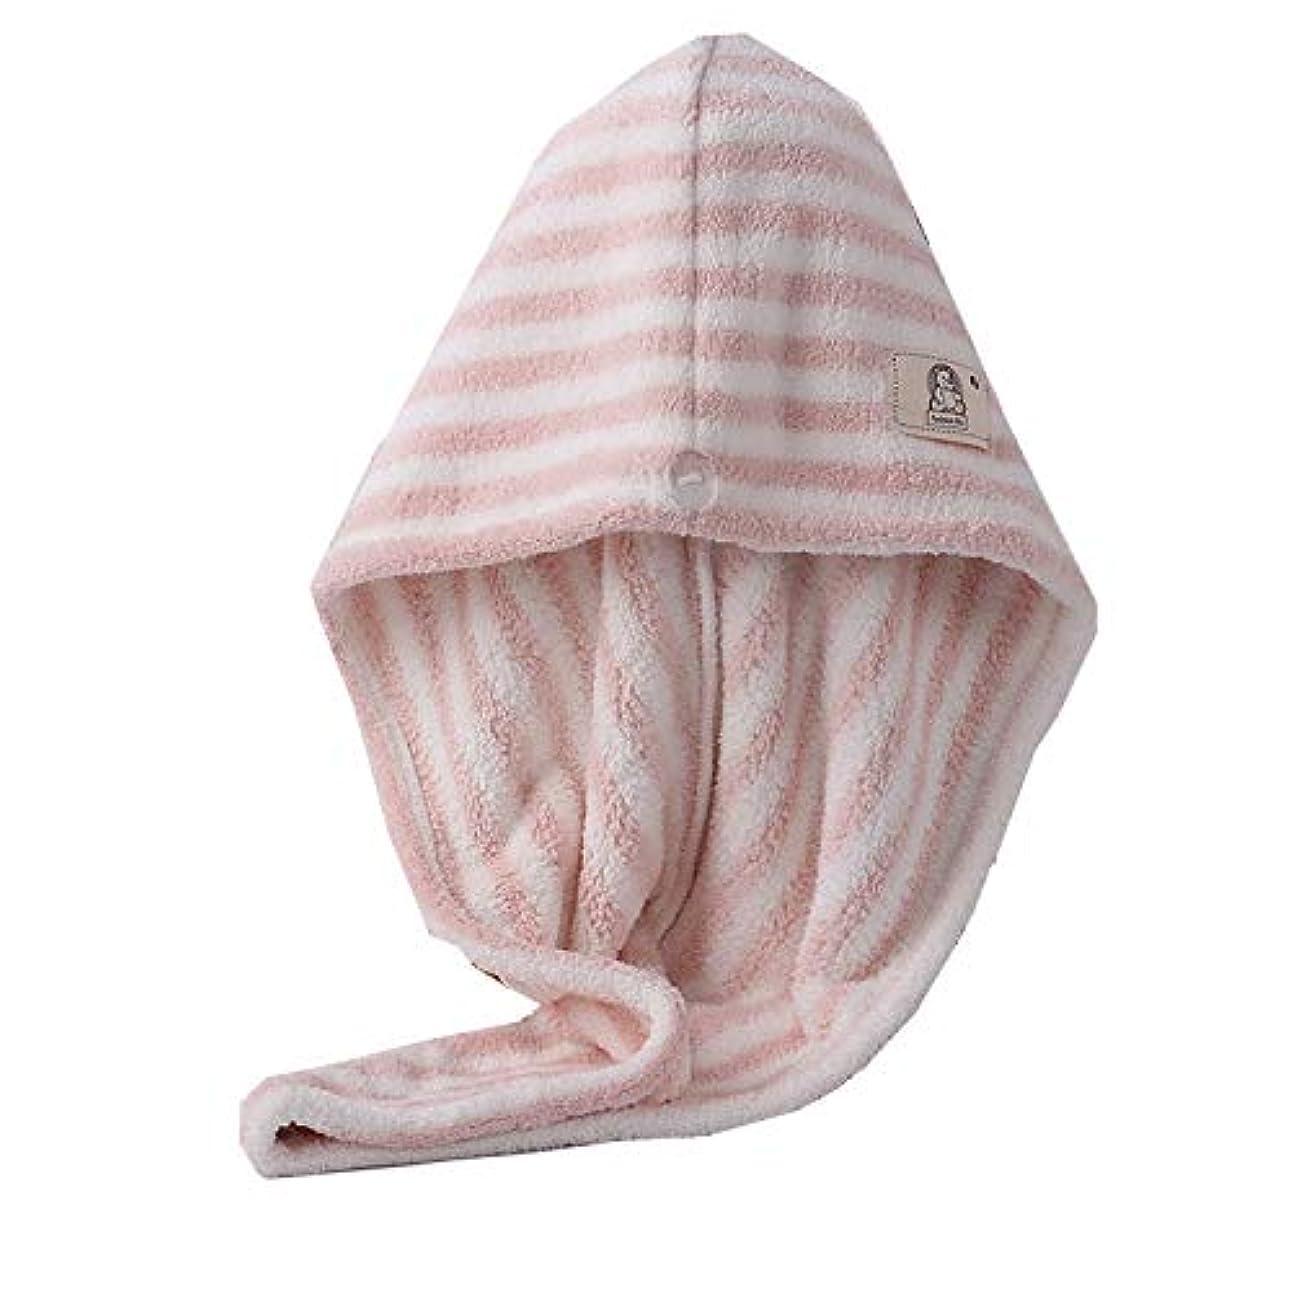 移行アンプパターンヘアドライタオル 吸水 速乾 髪 ヘアタオル タオル タオルキャップ ヘアキャップ 強い吸水性 ストライプ バス用品 抗菌防臭 ふわふわ 軽量 ヘアドライキャップ タオル キャップ (ピンク)